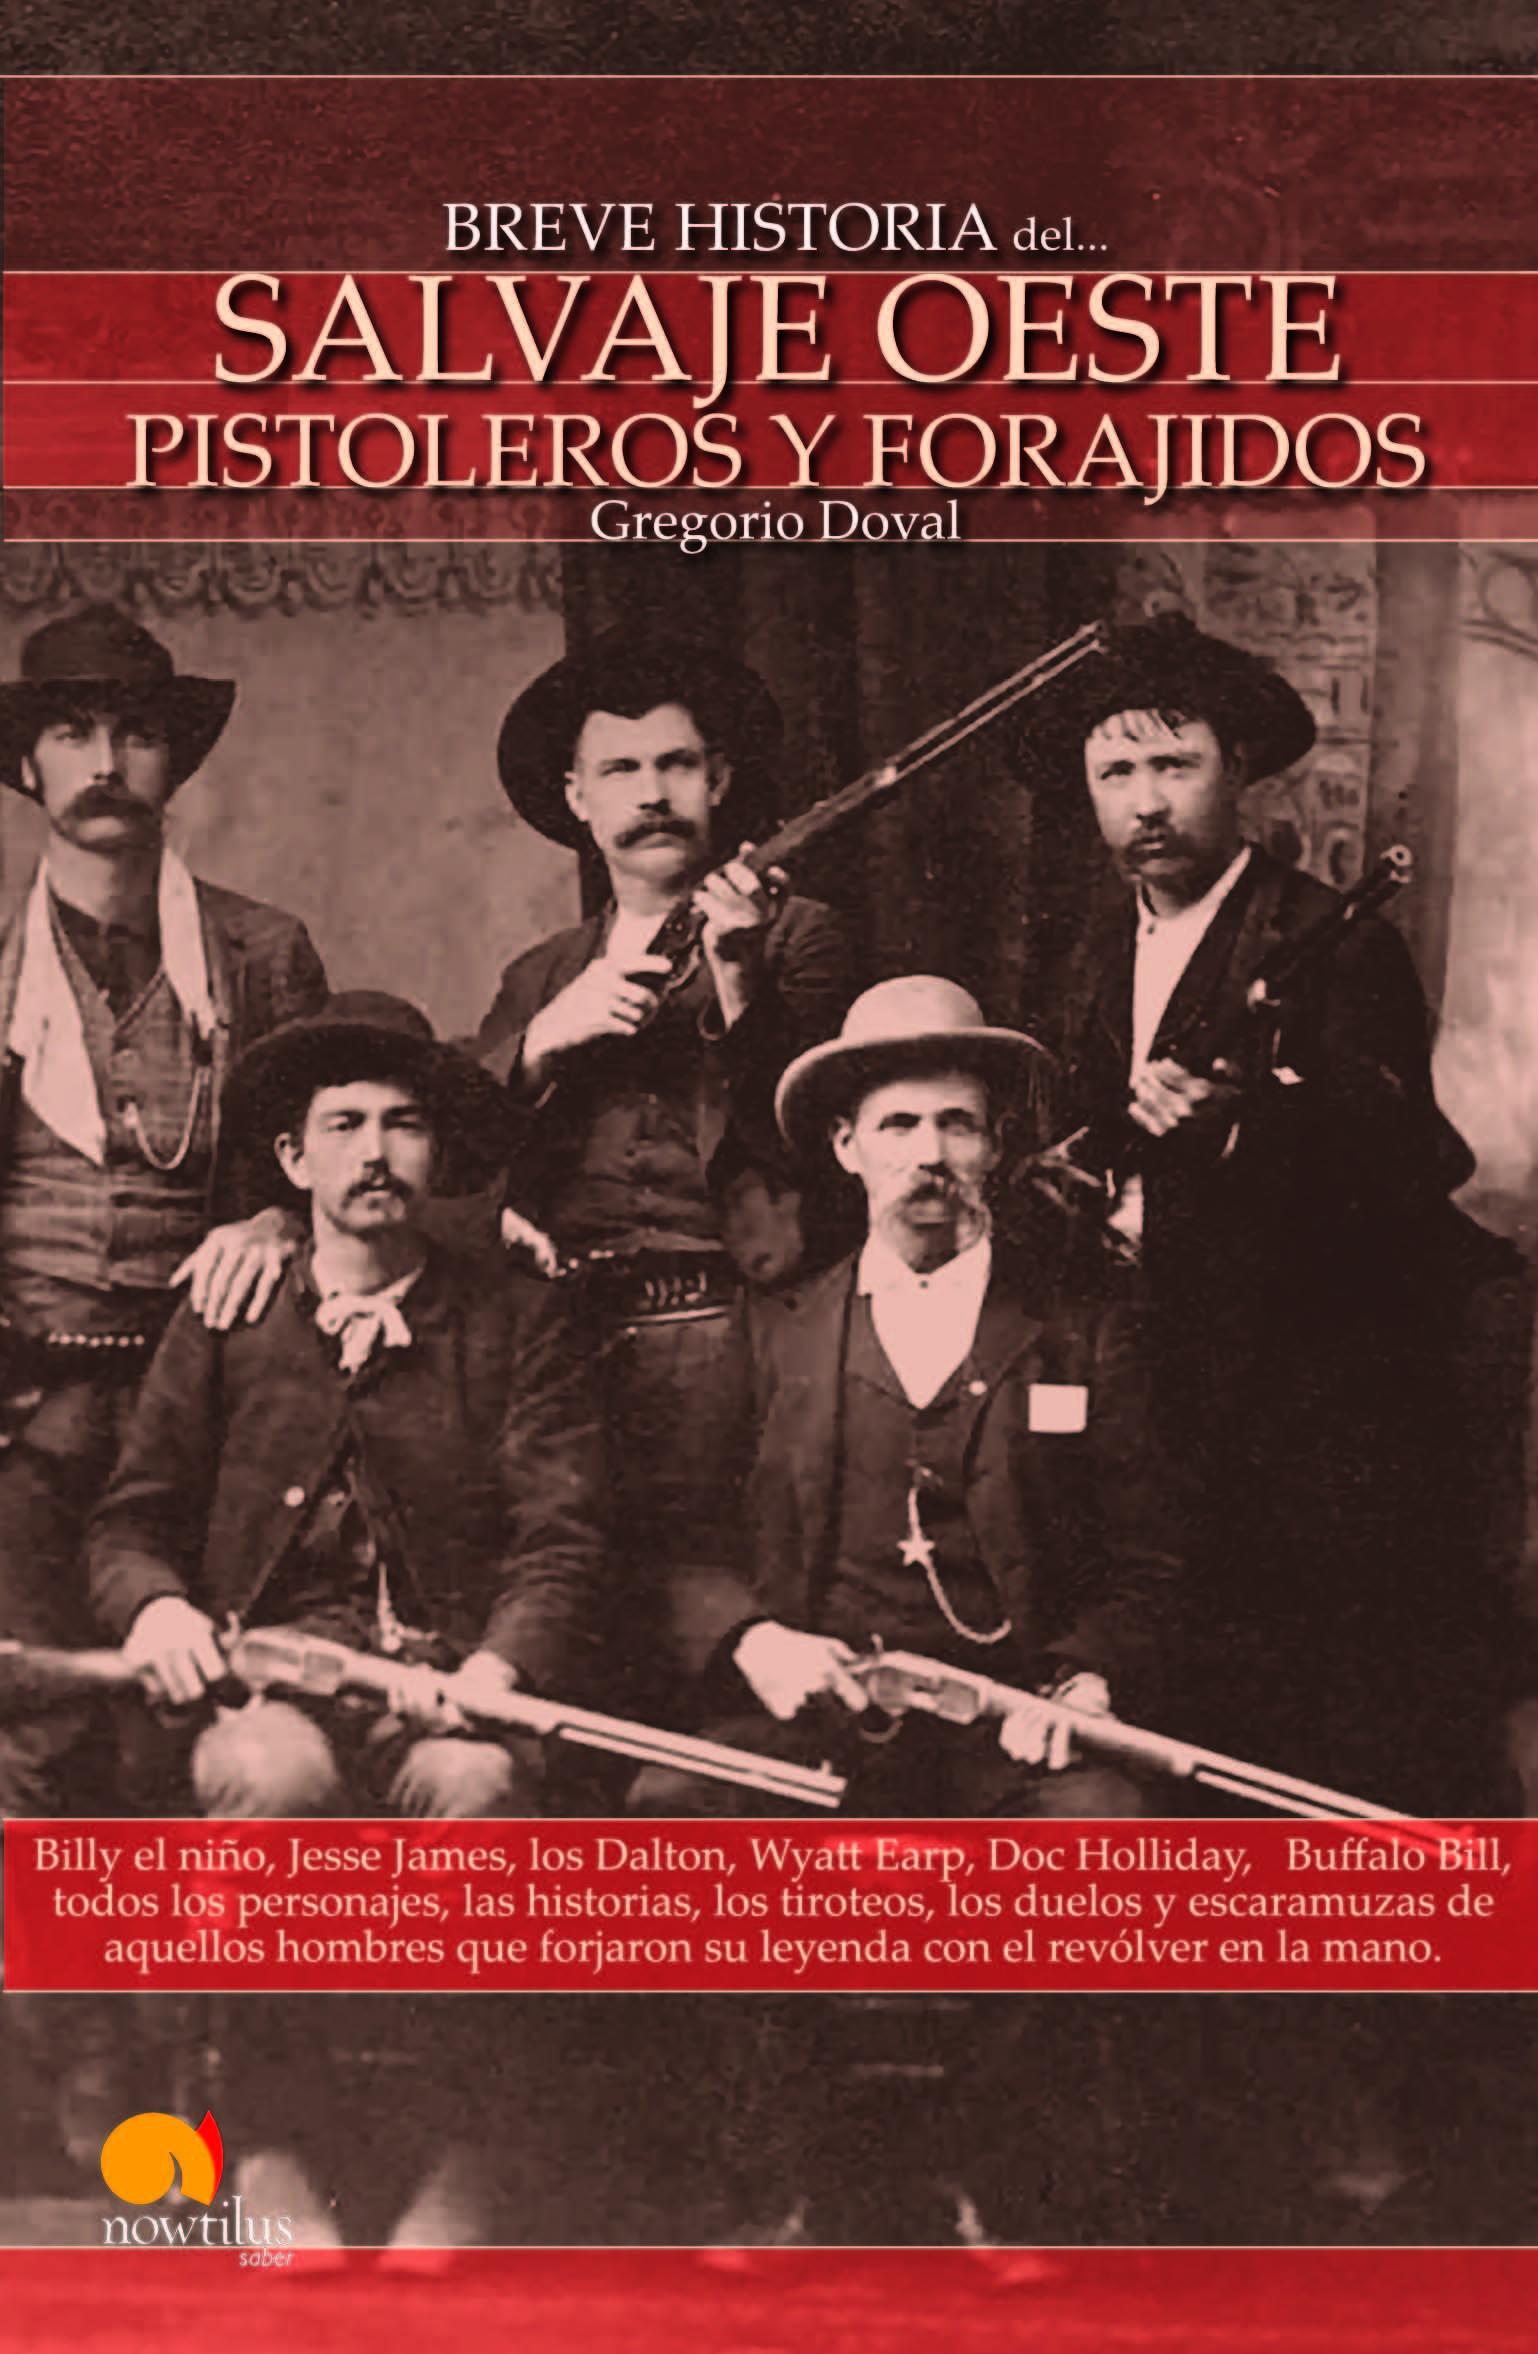 Resultado de imagen para Breve historia del Salvaje Oeste: Pistoleros y forajidos